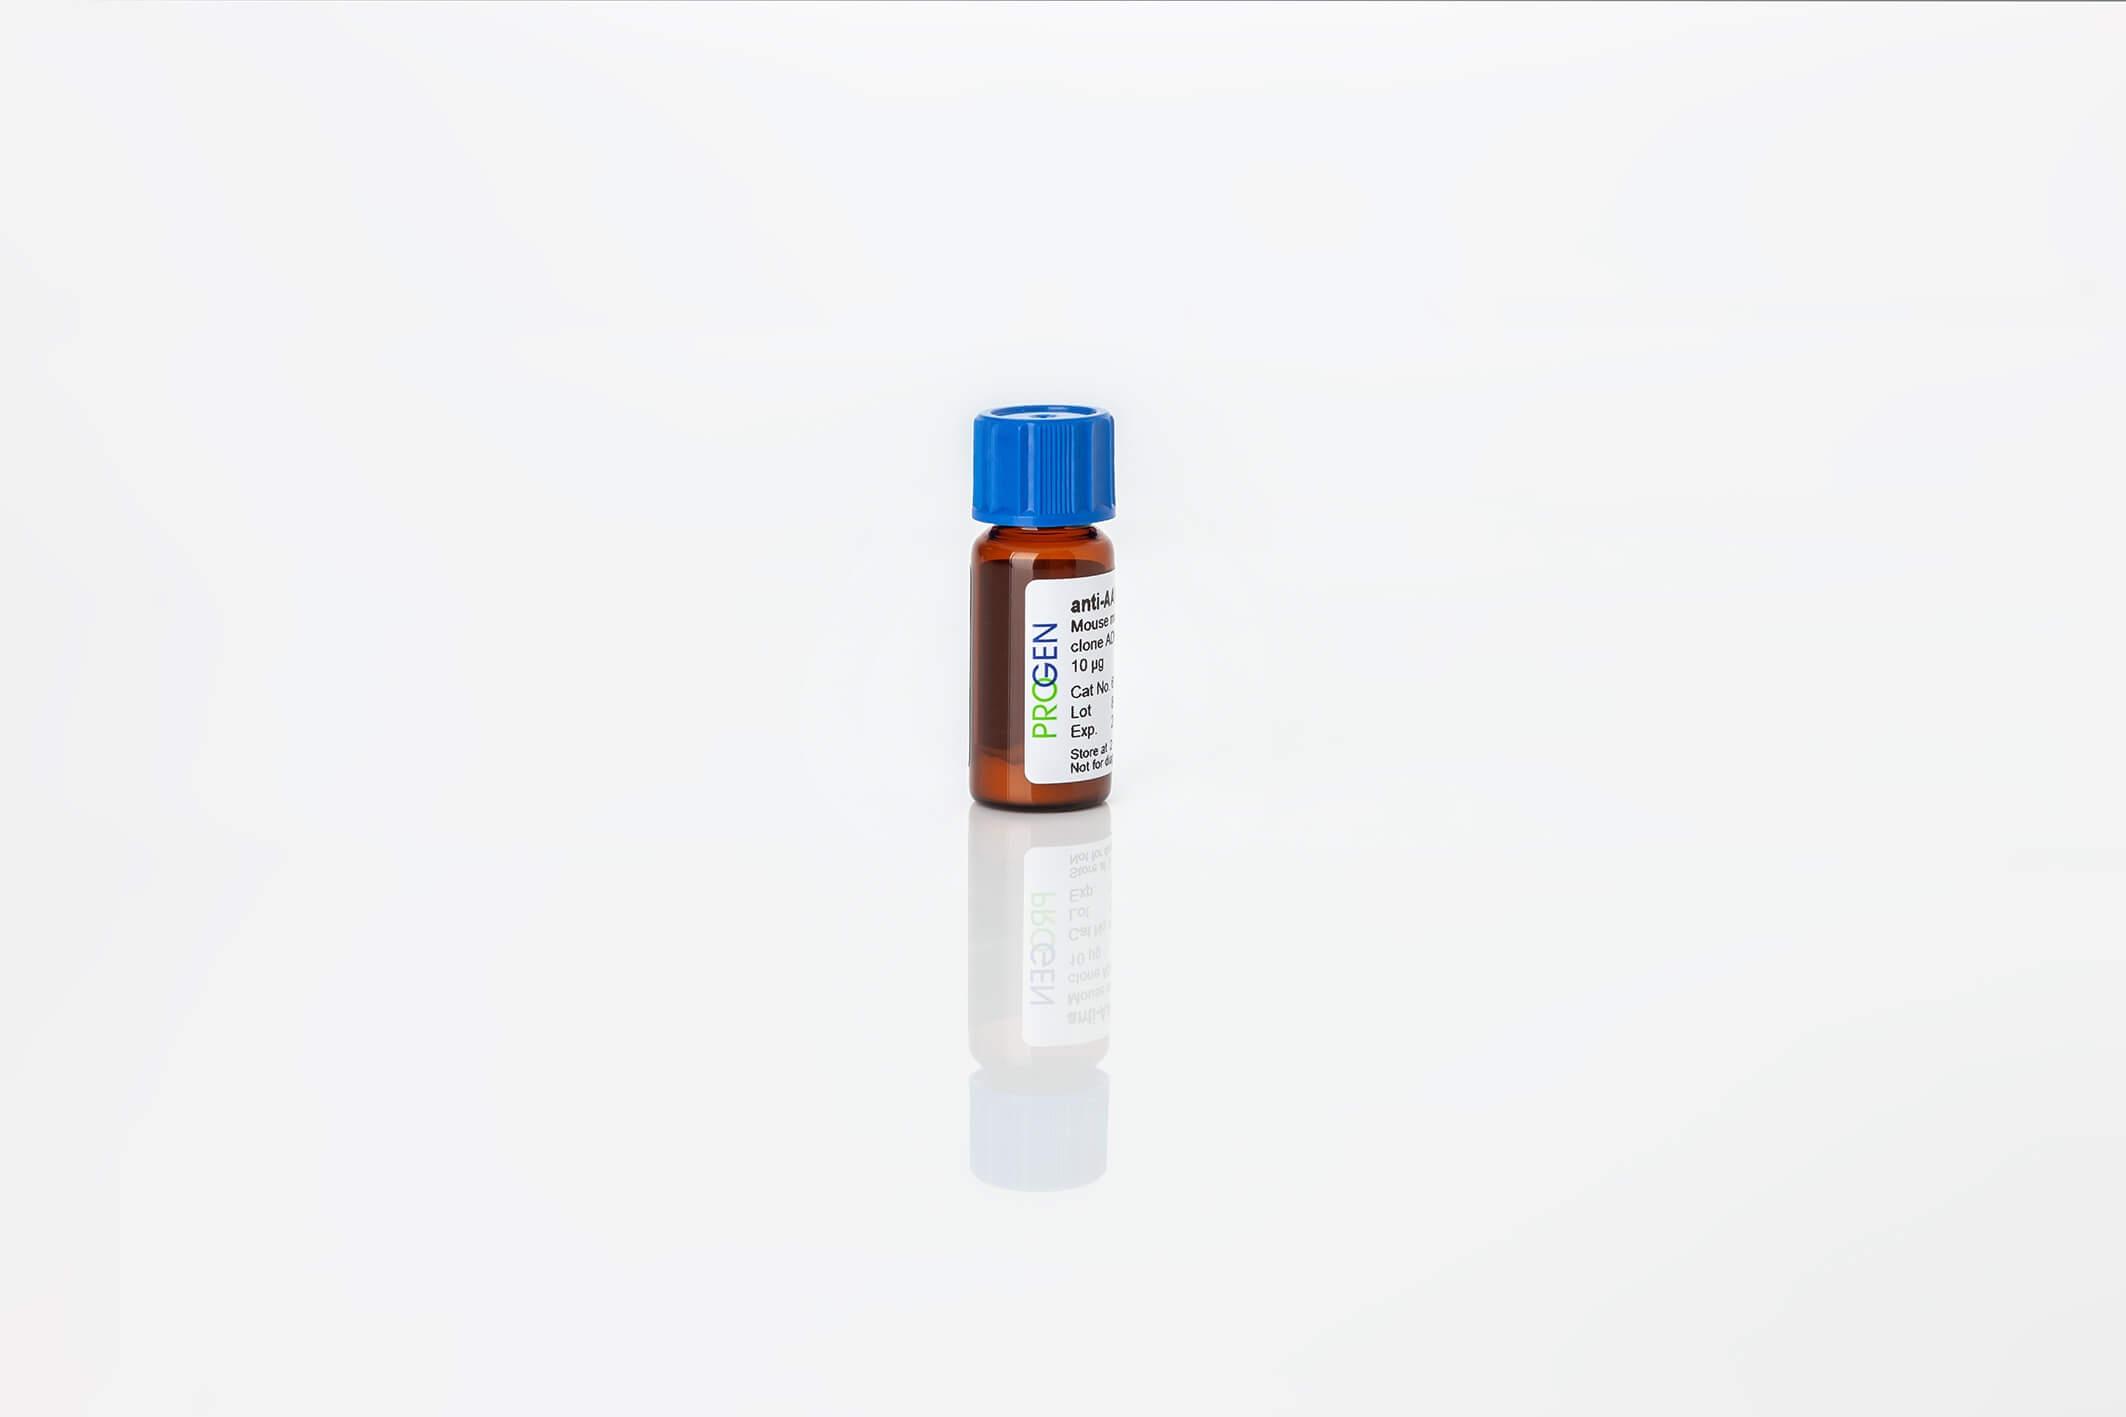 anti-CCK A Receptor rabbit polyclonal, serum